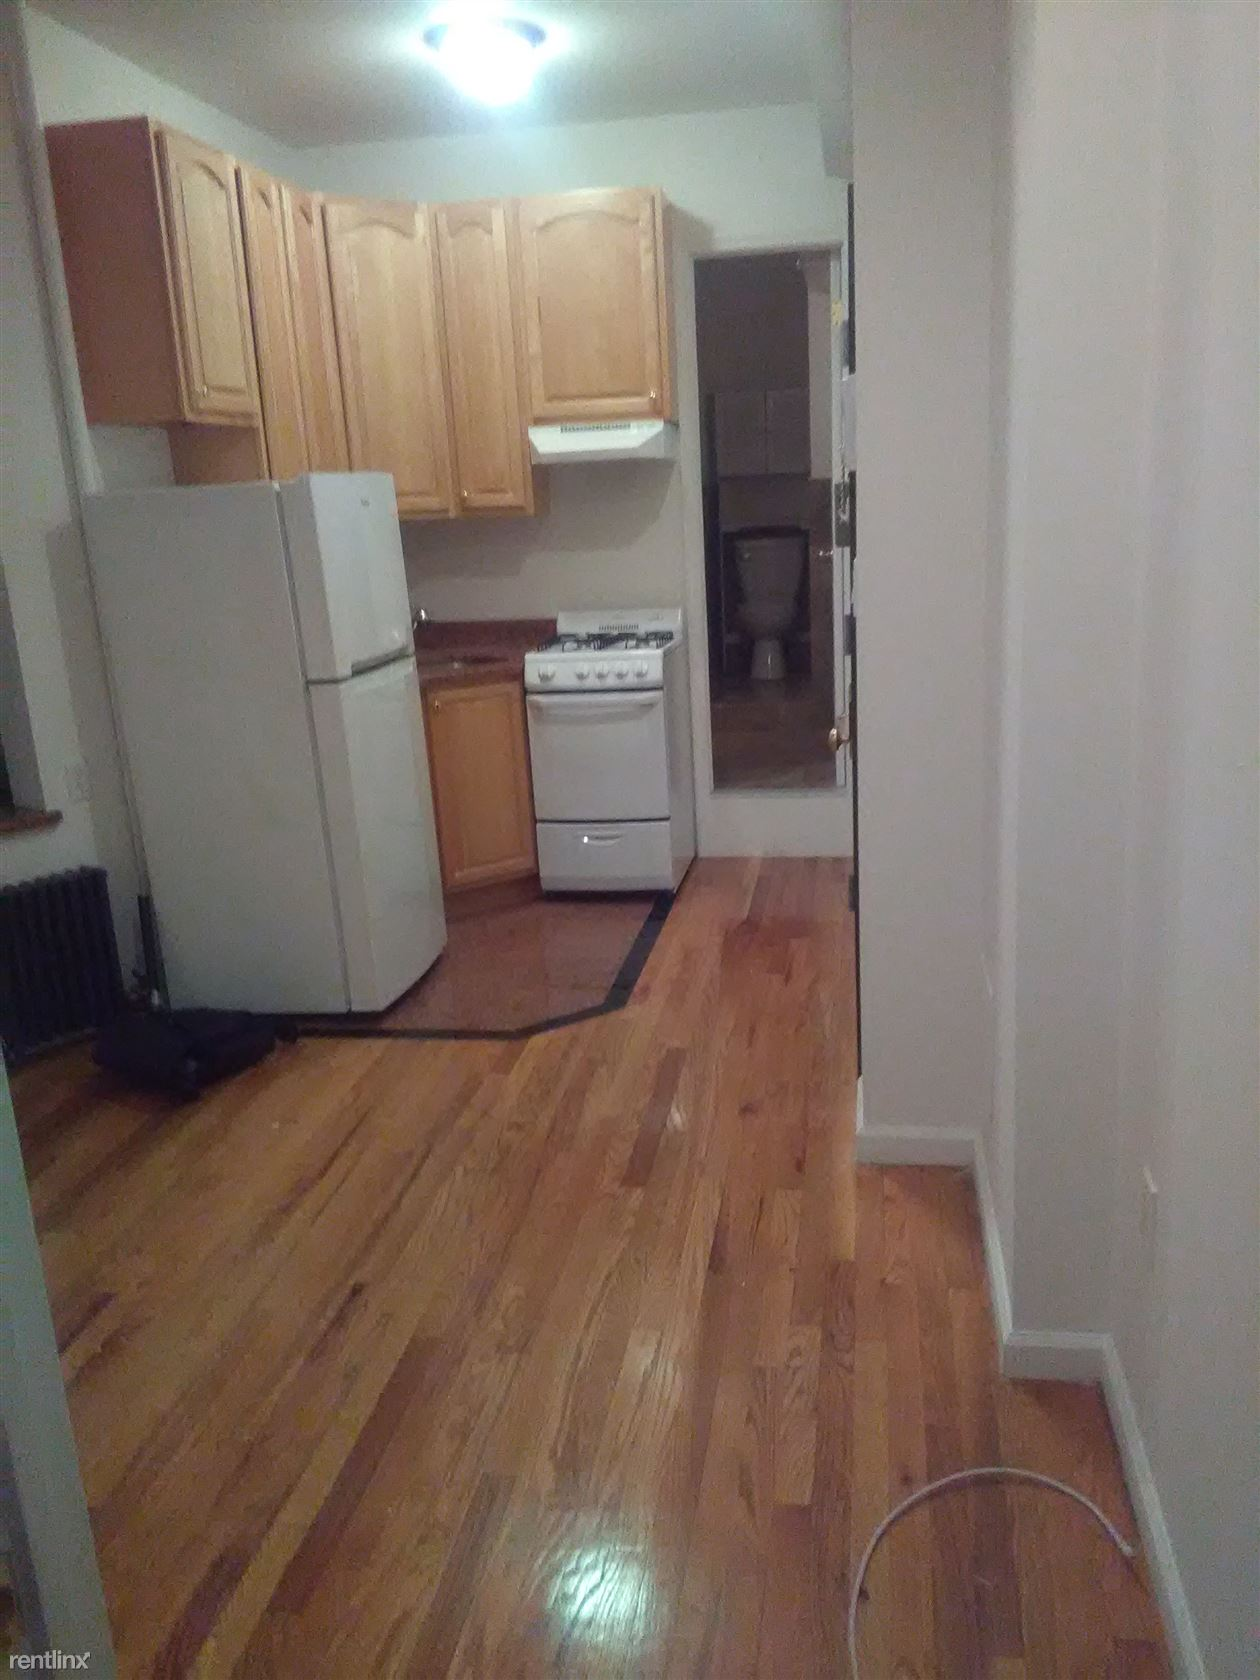 214 E 10th St, New York, NY - $2,450